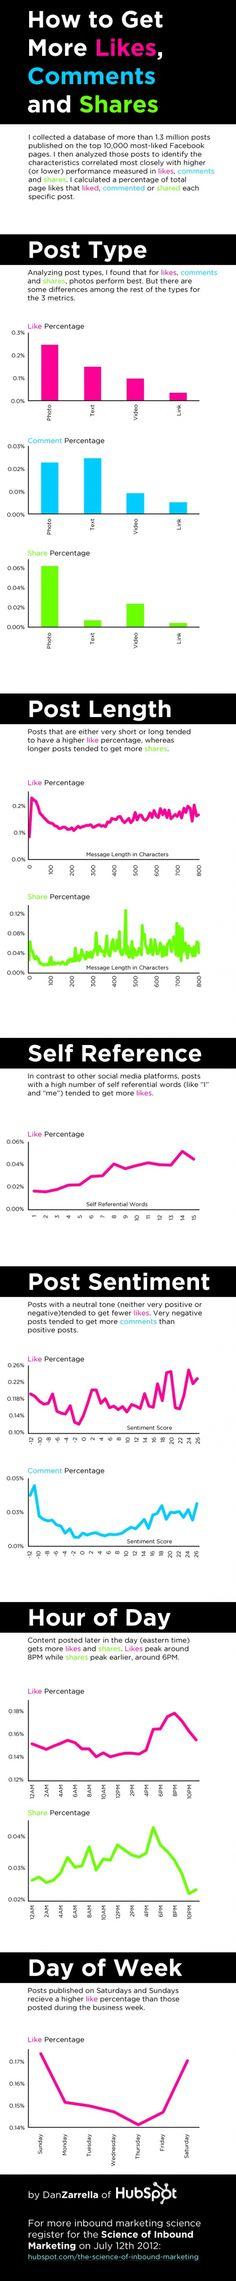 Meer likes, comments & shares op je Facebook posts? Bekijk dan de infographic van Dan Zarrella